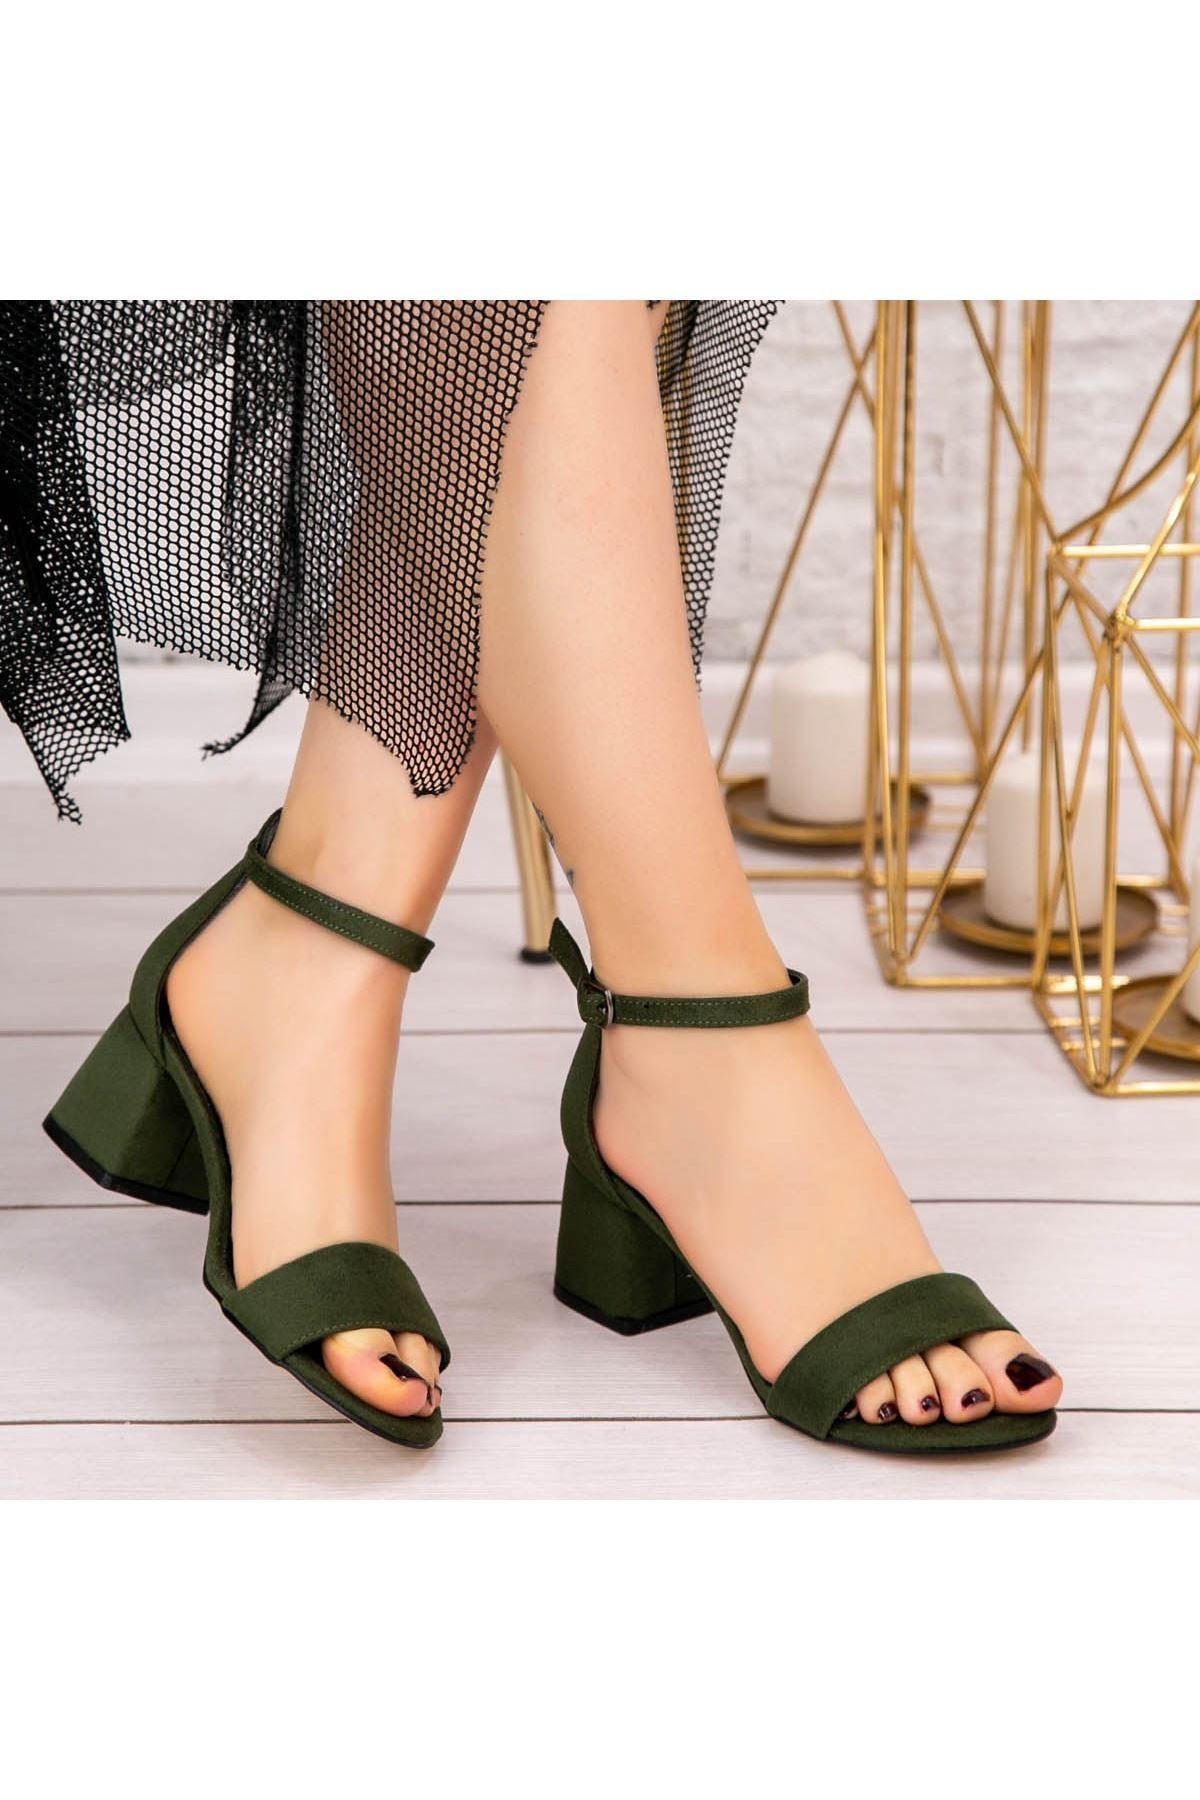 Epon Haki Yeşil Süet Tek Bant Topuklu Ayakkabı